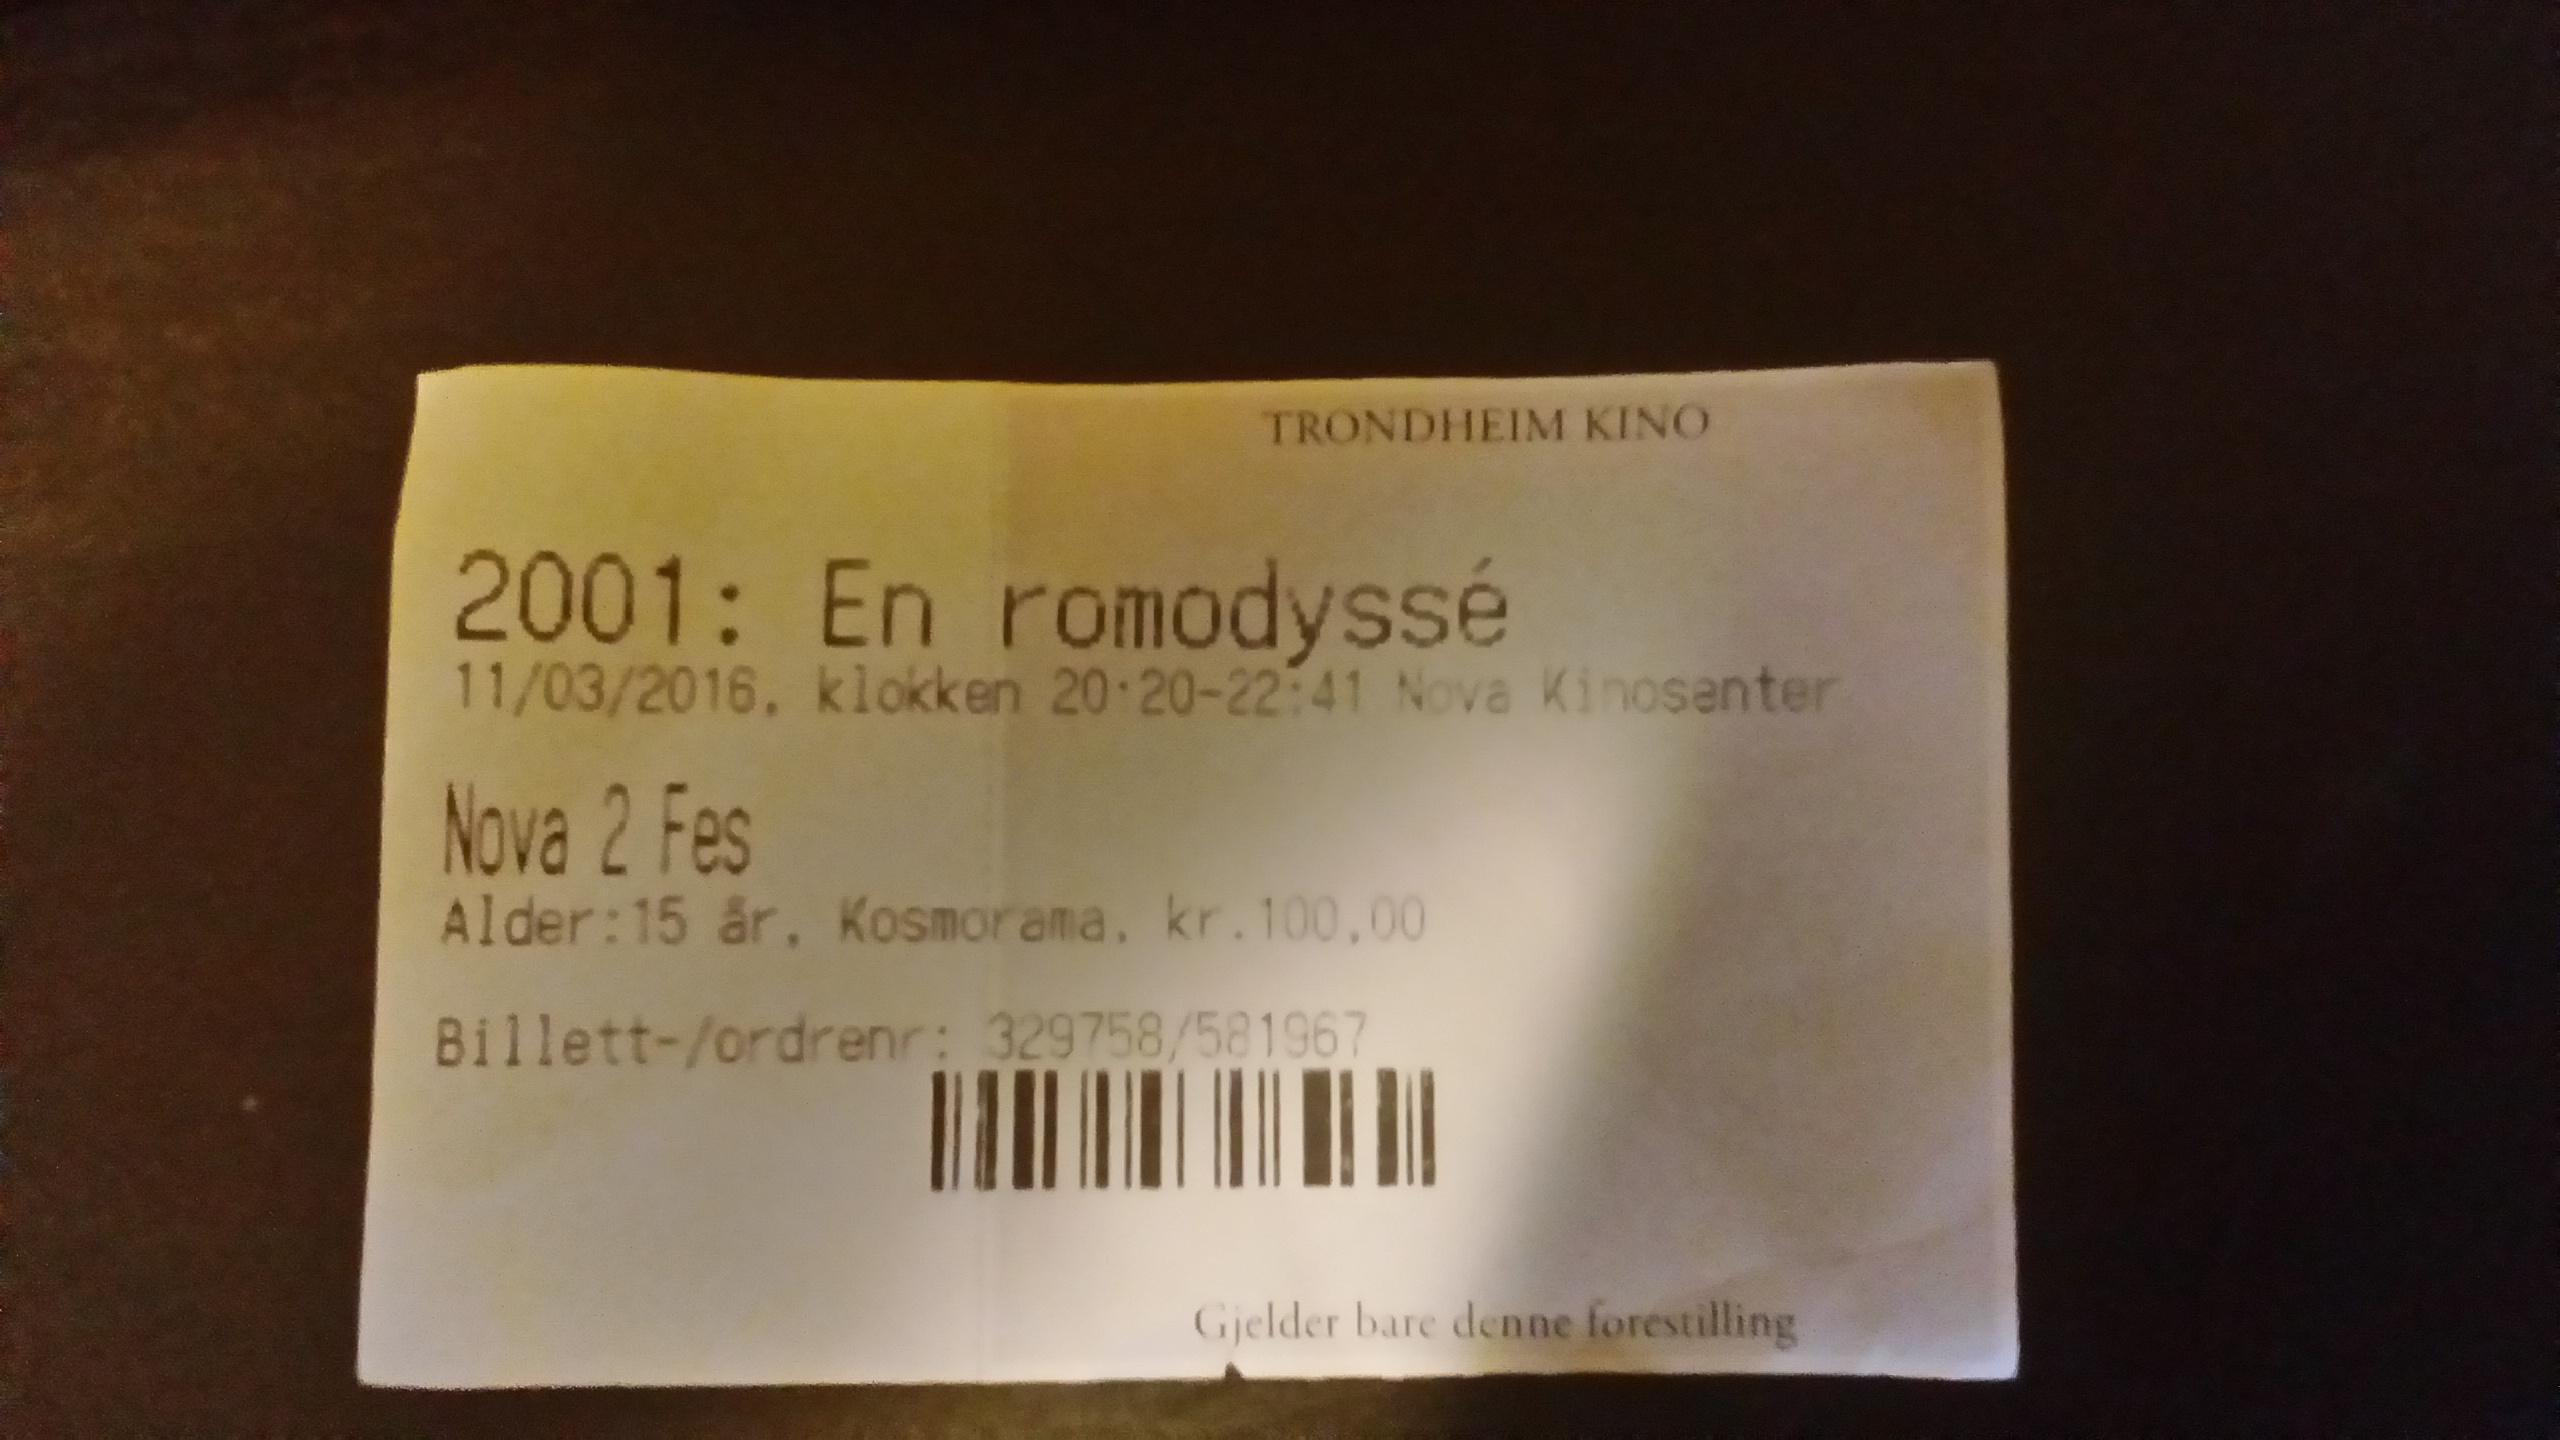 I en tid hvor billetter blir mer og mer QR-koder, er det deilig å faktisk få en fysisk billett til et filmhistorisk mesterverk